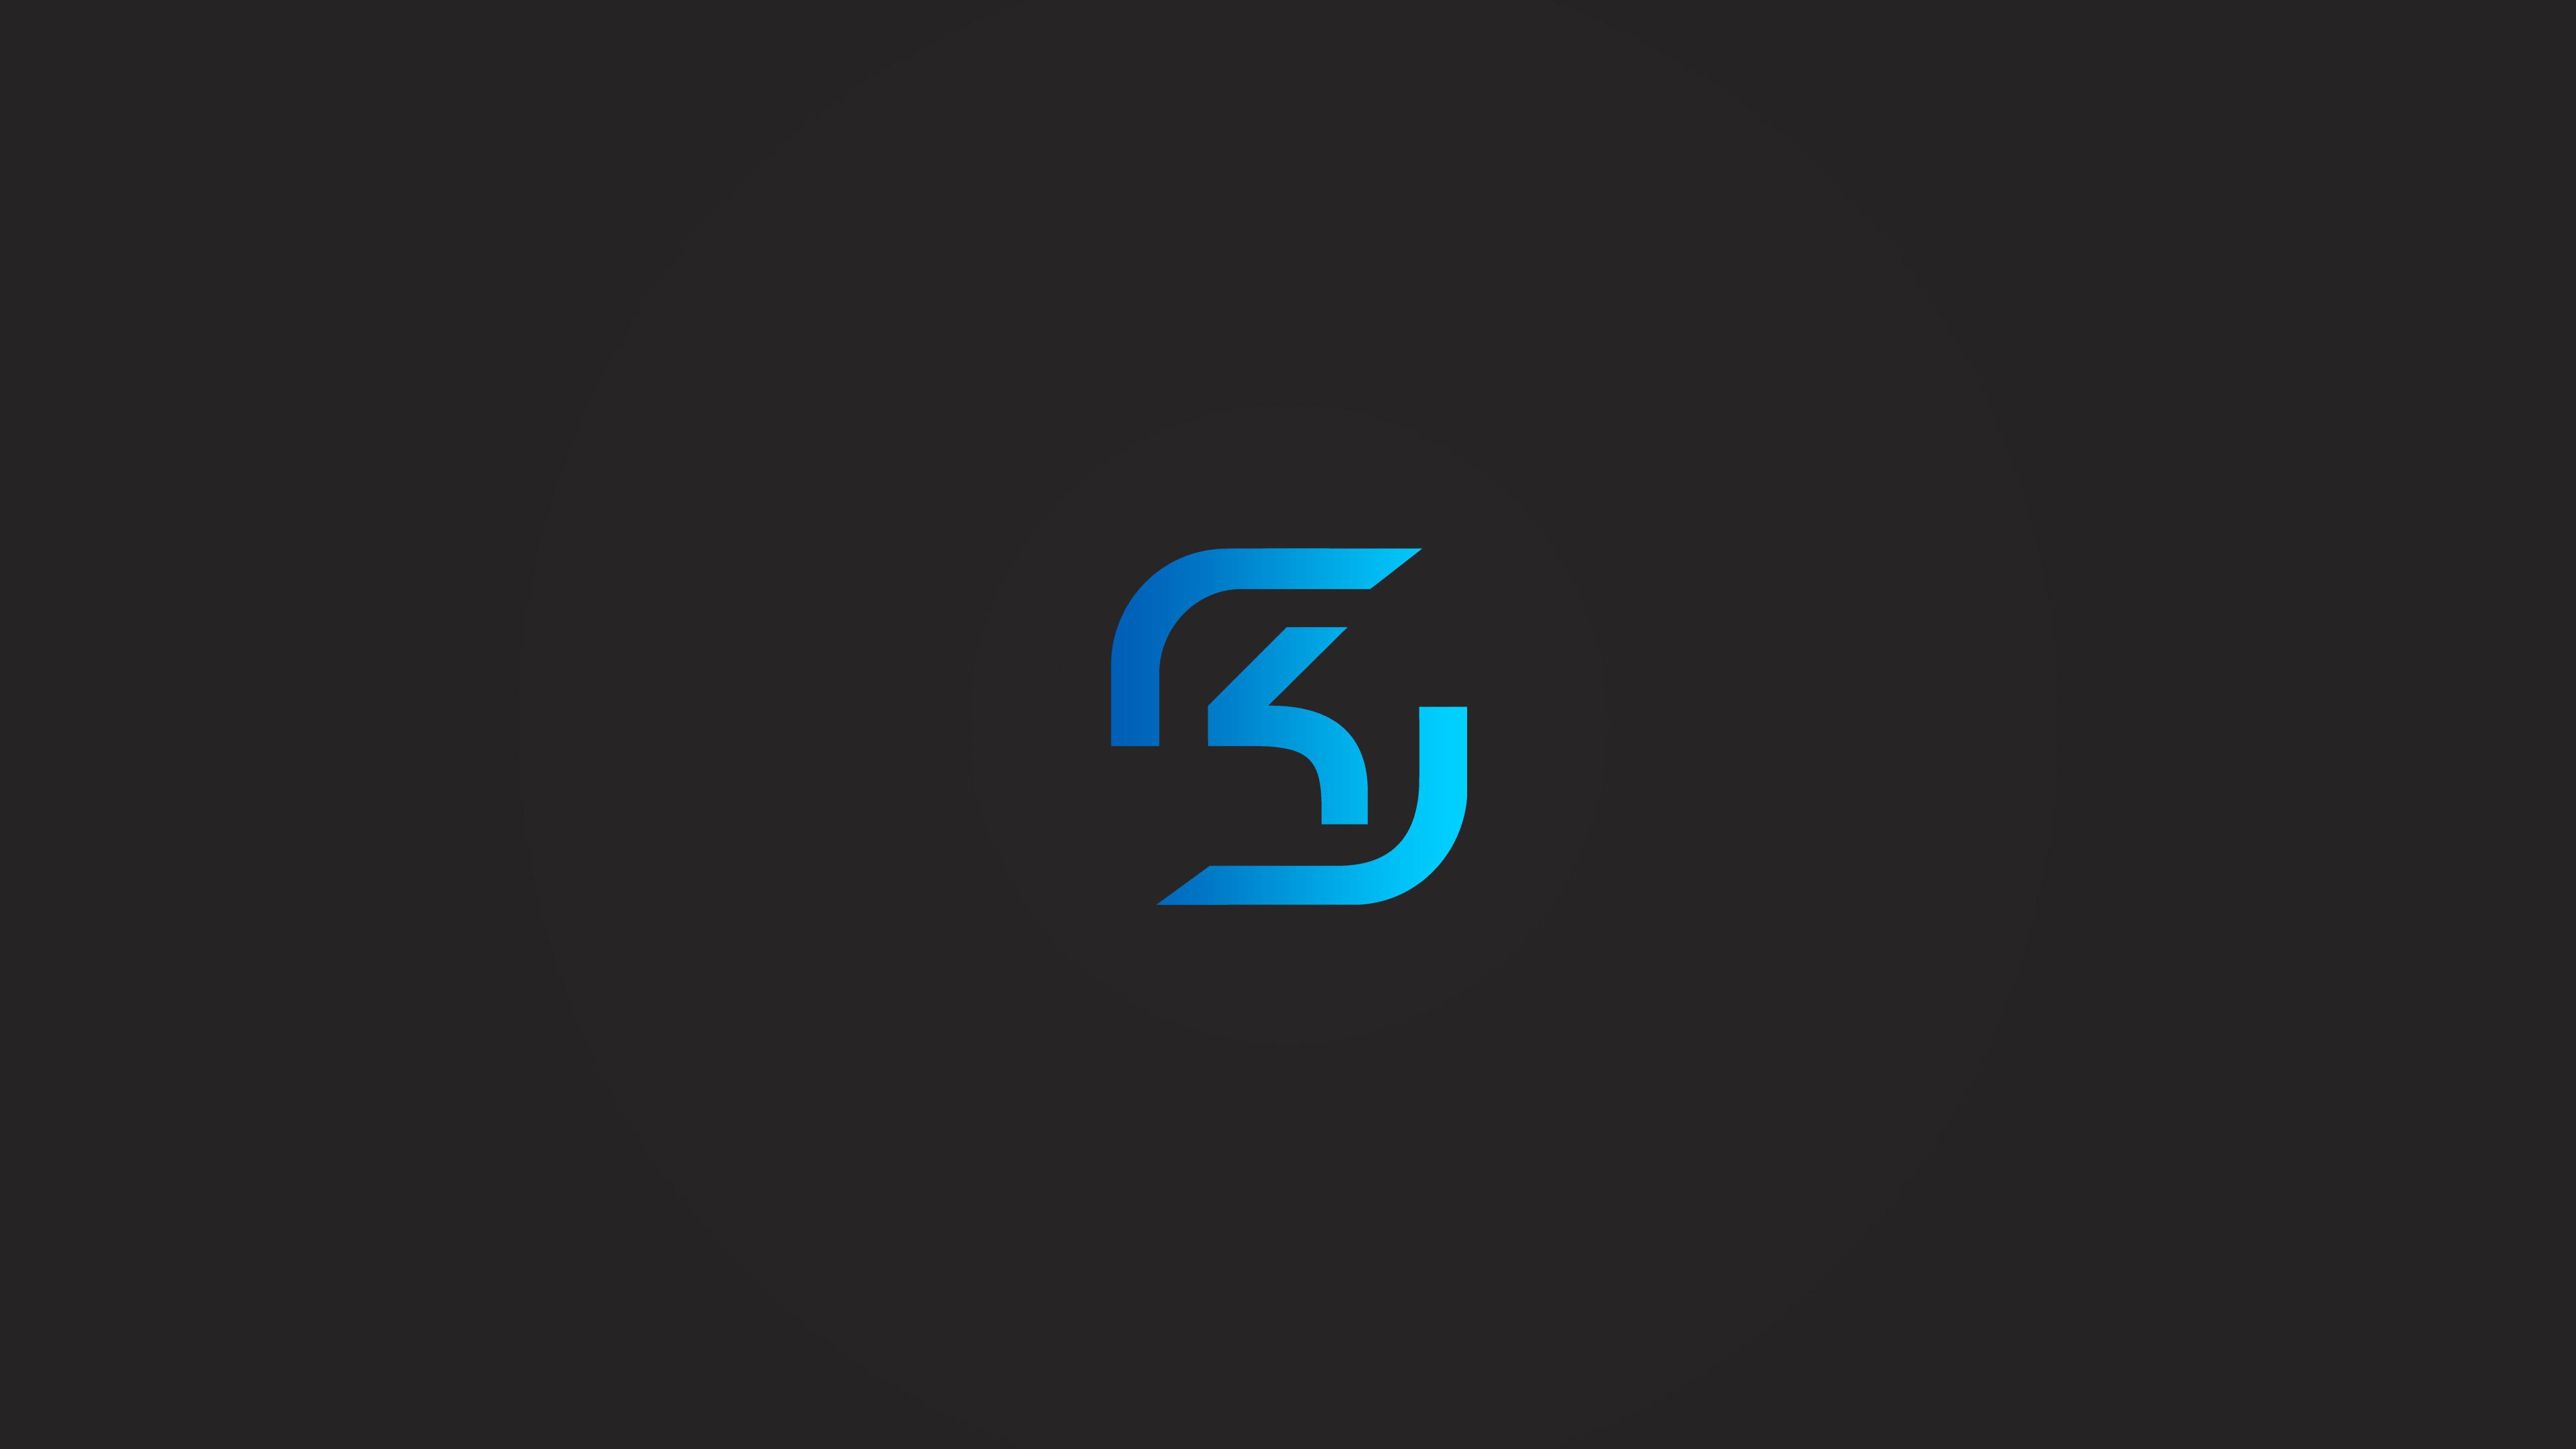 Sk Gaming Wallpaper 4K